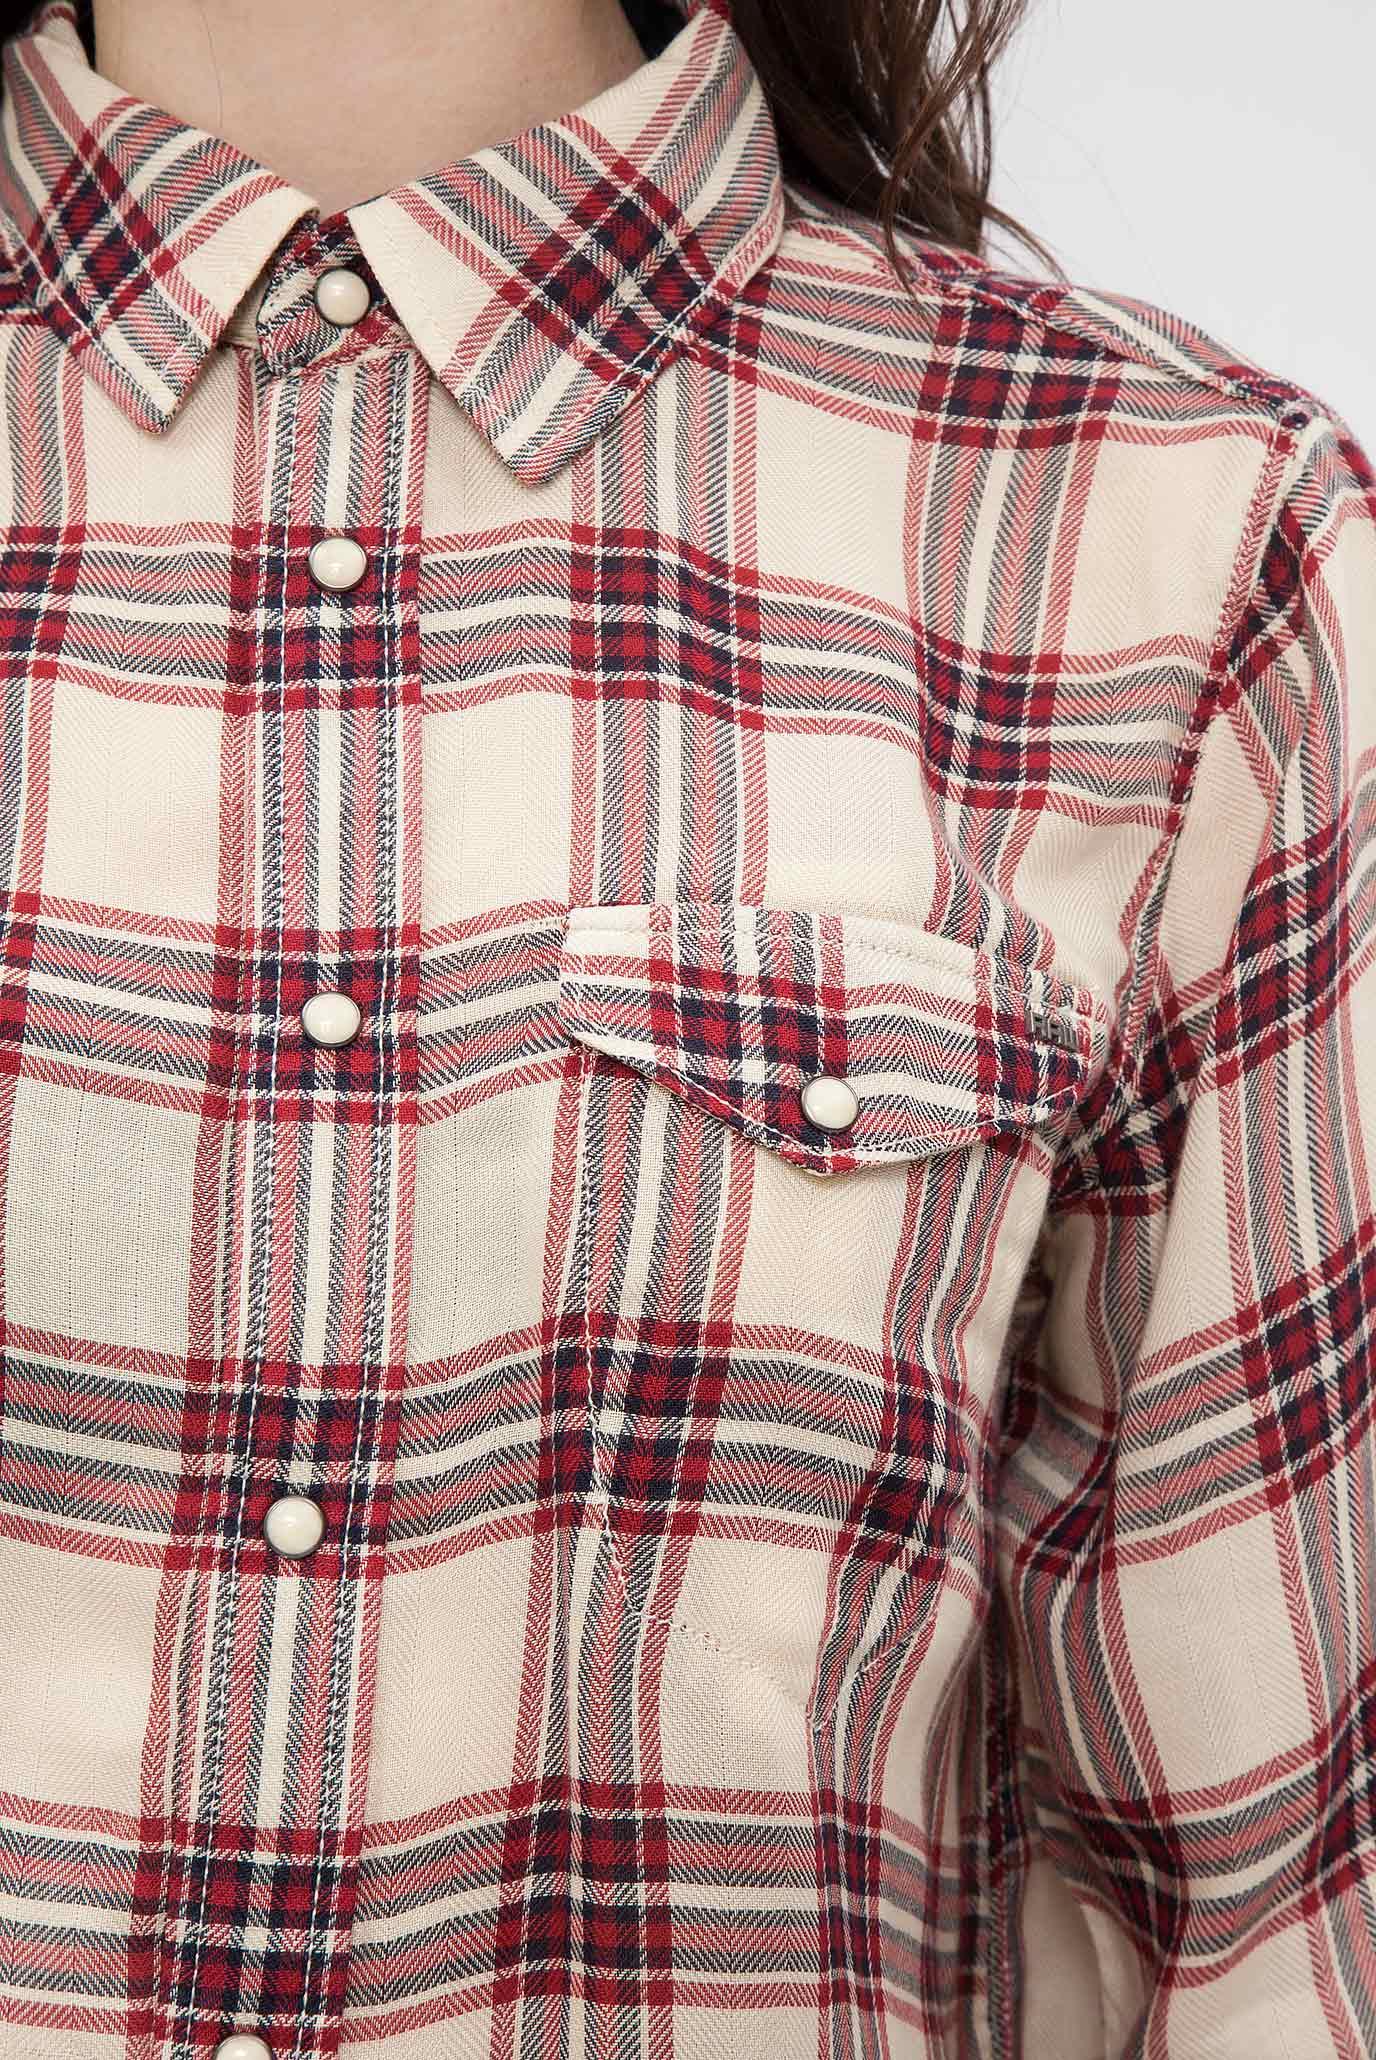 Купить Женская красная рубашка в клетку G-Star RAW G-Star RAW D02491,8202 – Киев, Украина. Цены в интернет магазине MD Fashion